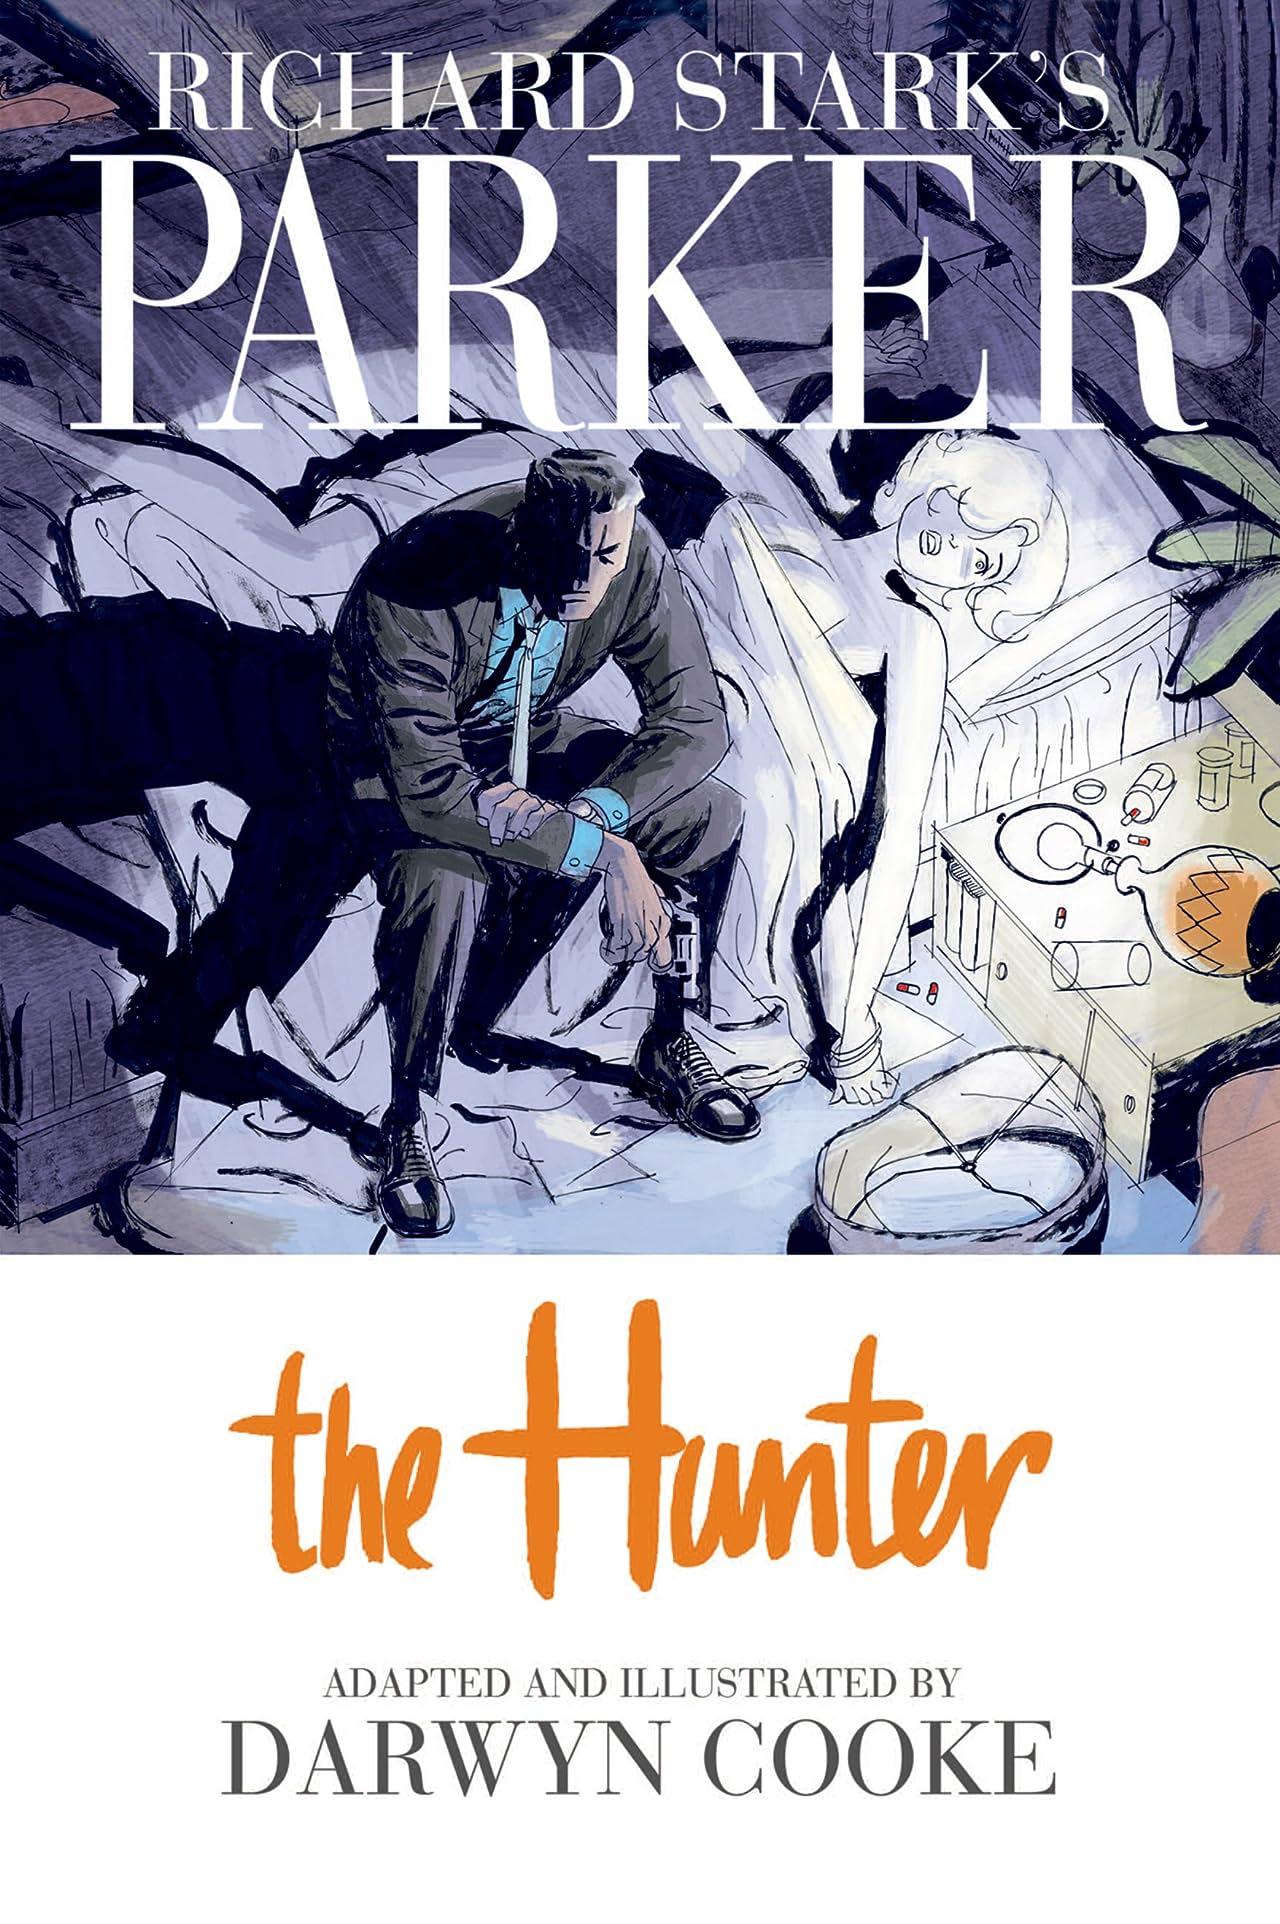 Richard Stark's Parker: The Hunter: Chapter 1